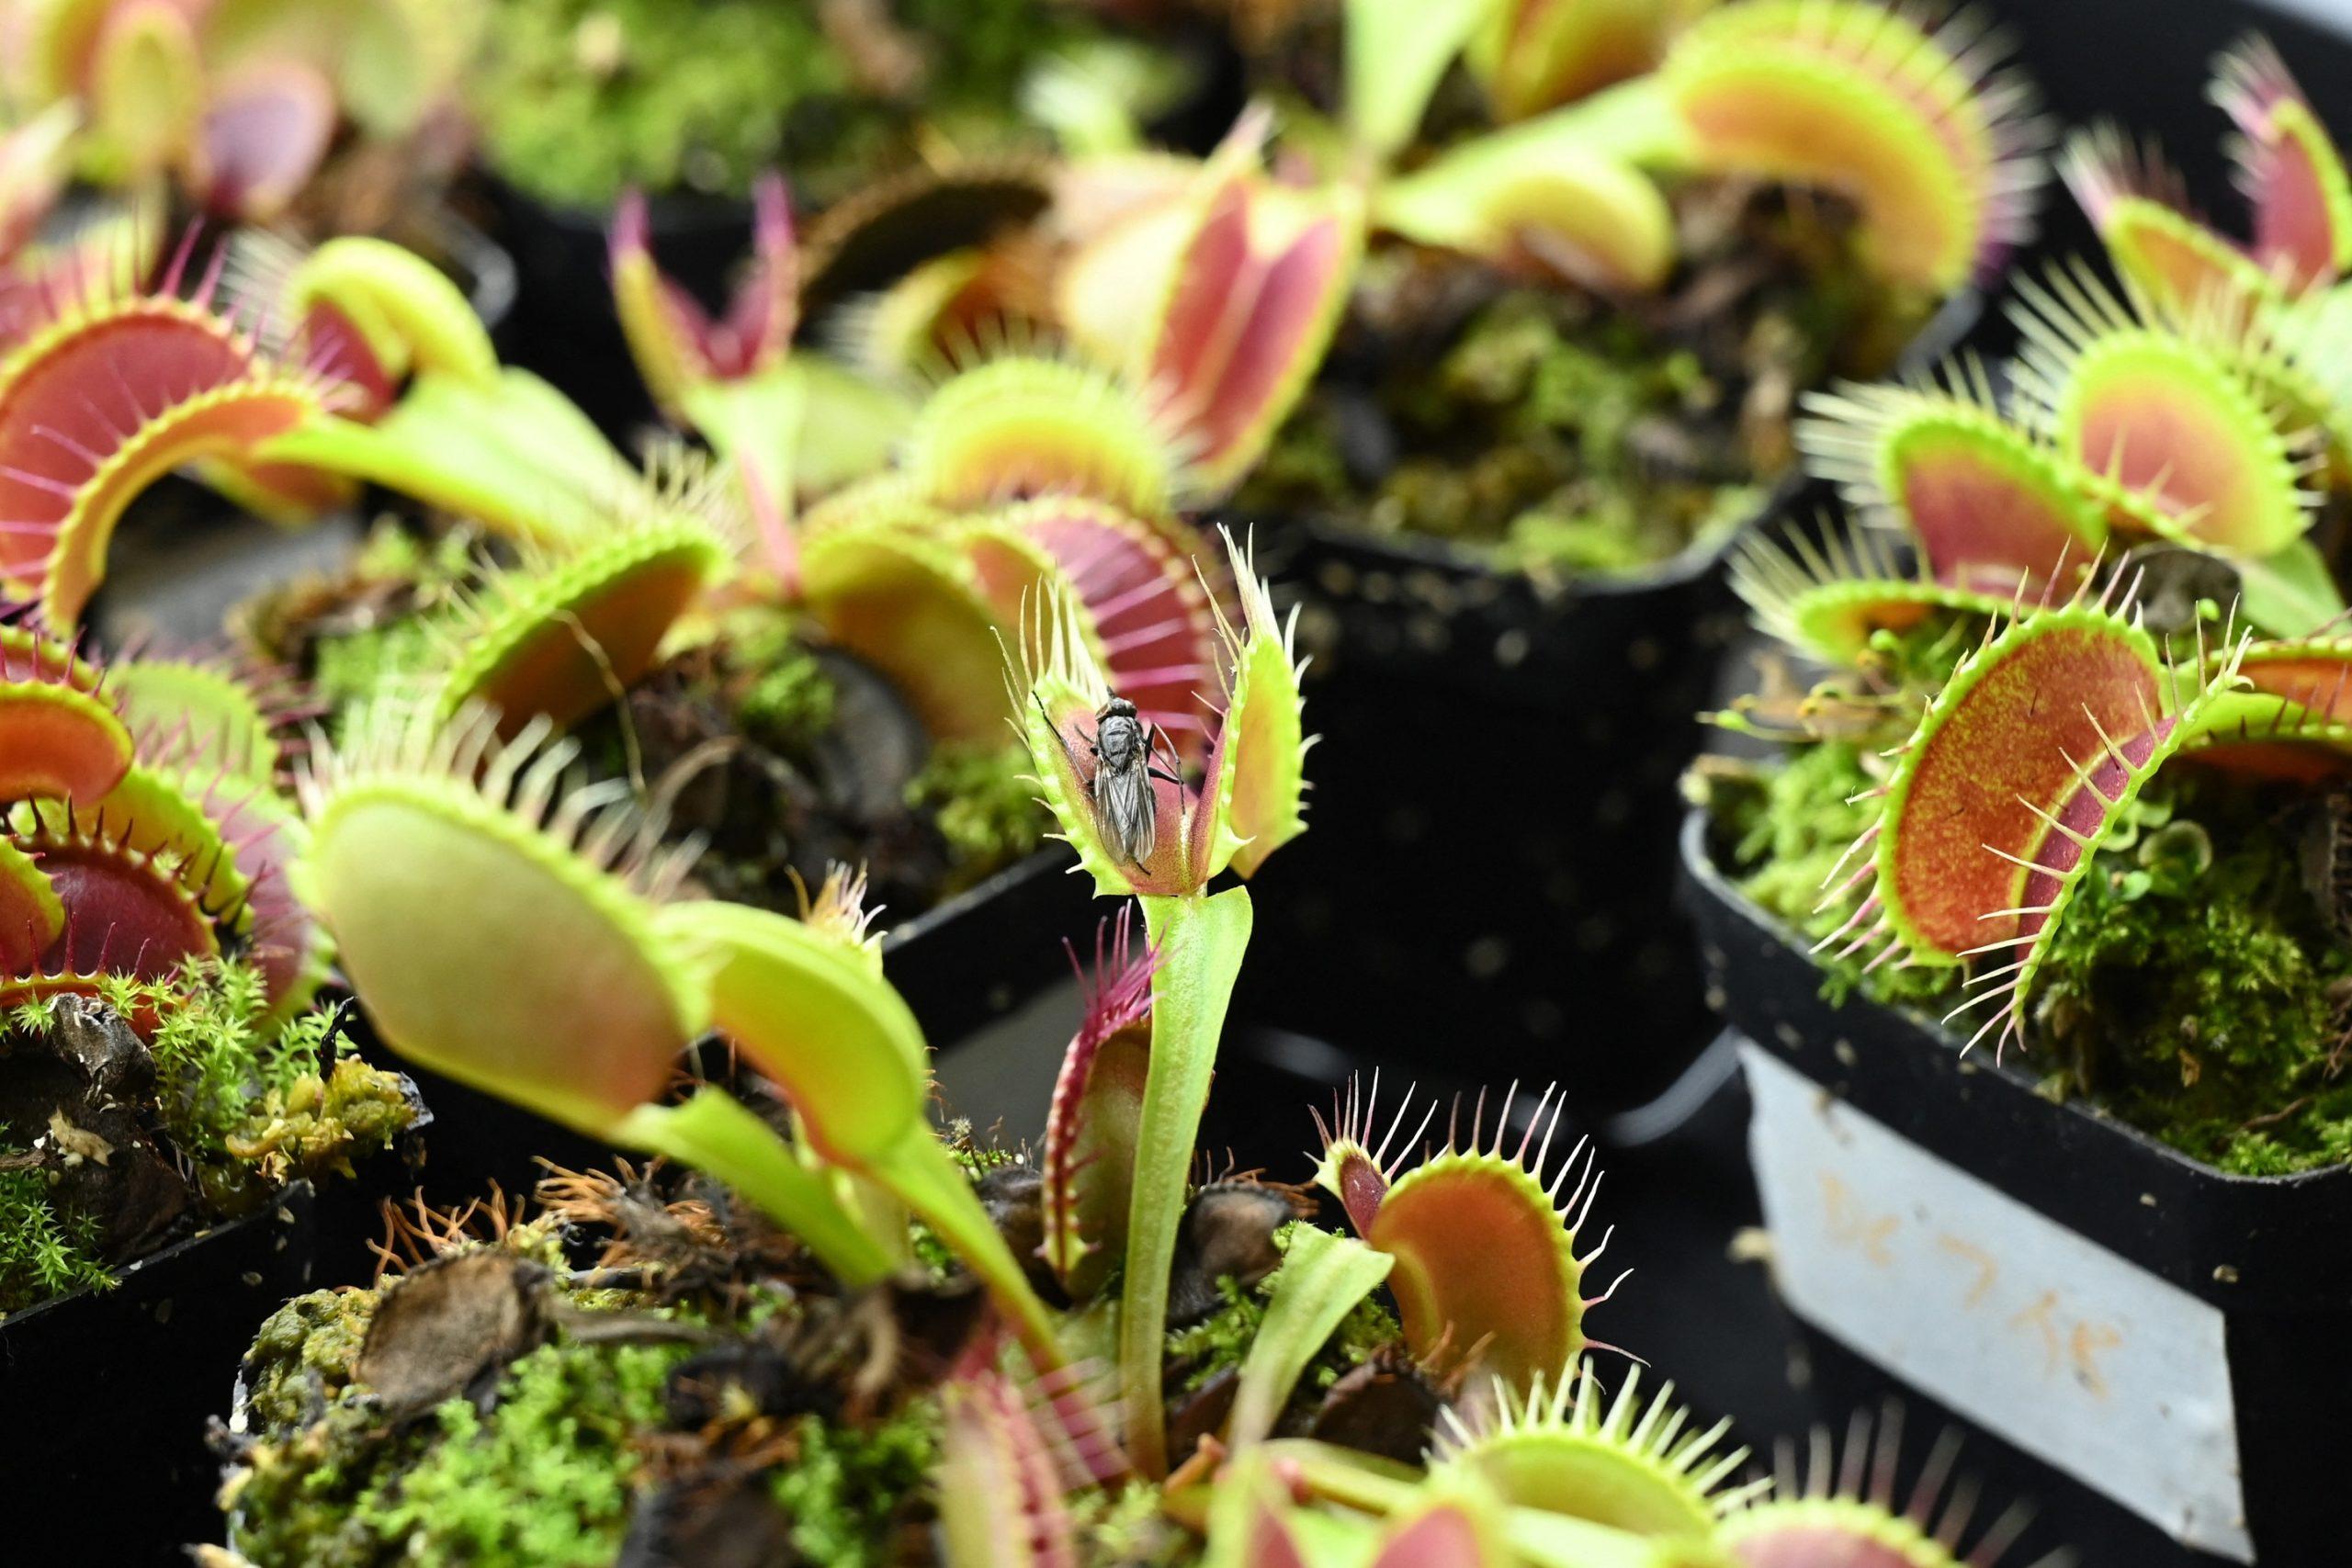 robo-plants